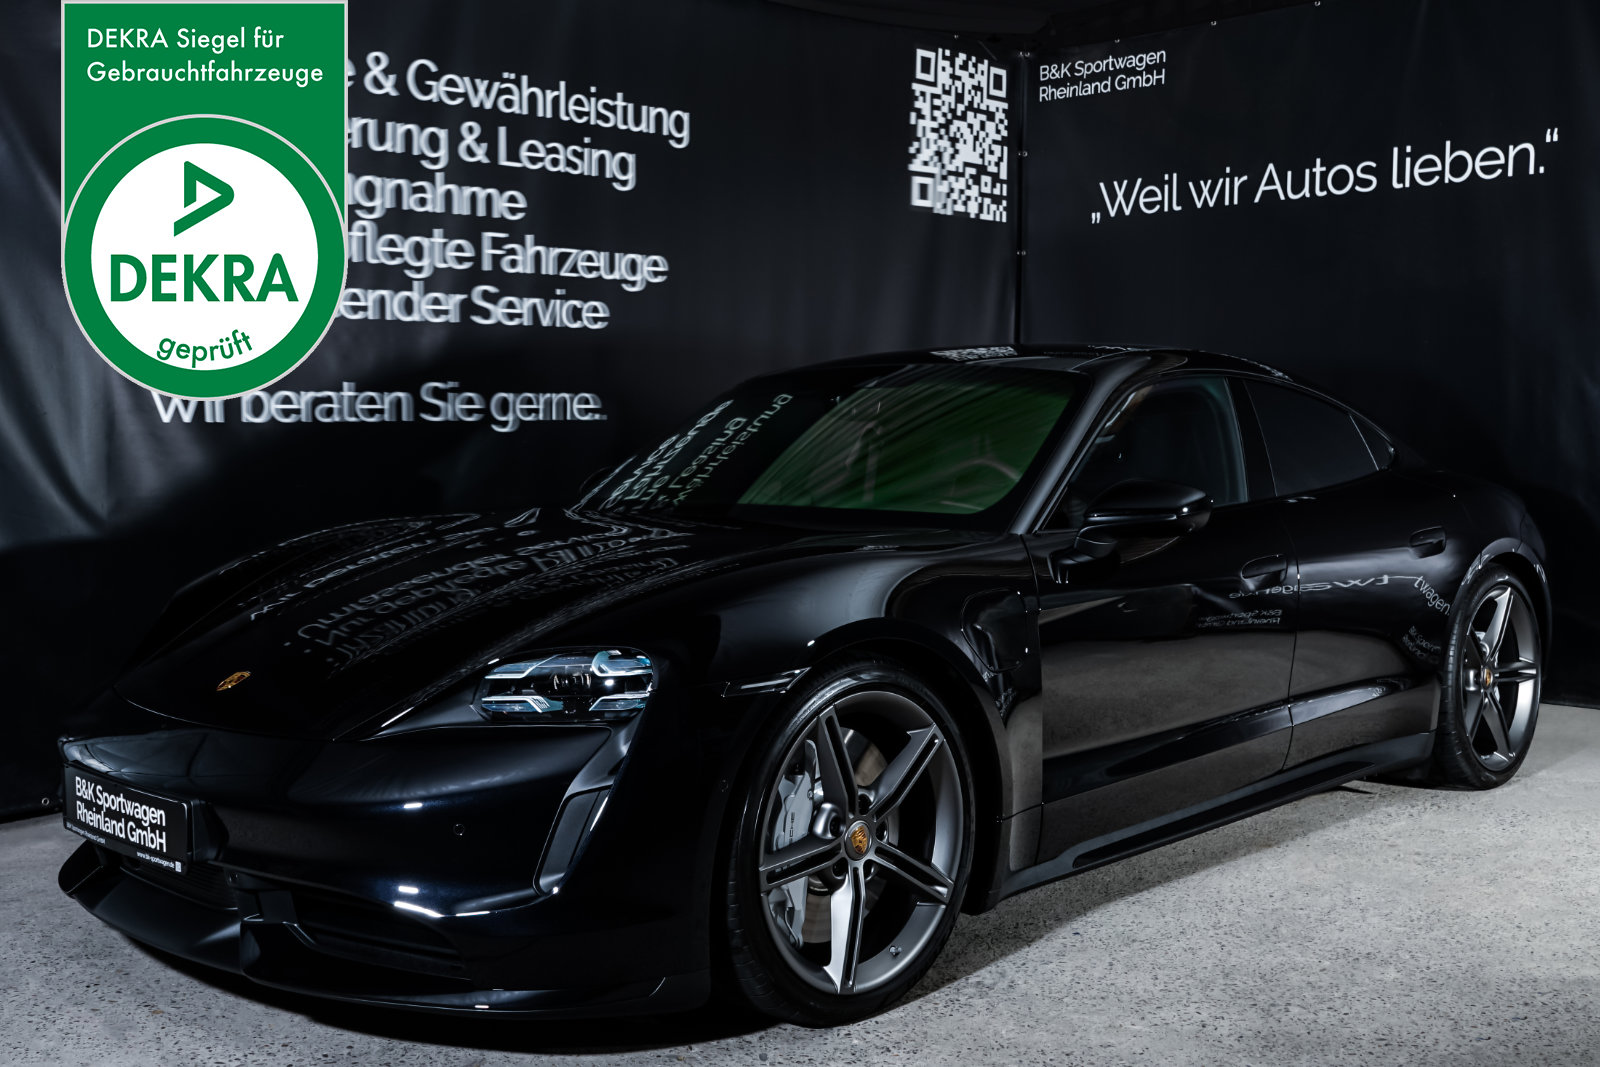 Porsche_Taycan_Turbo_Schwarz_Schwarz_POR-8106_Plakette_w